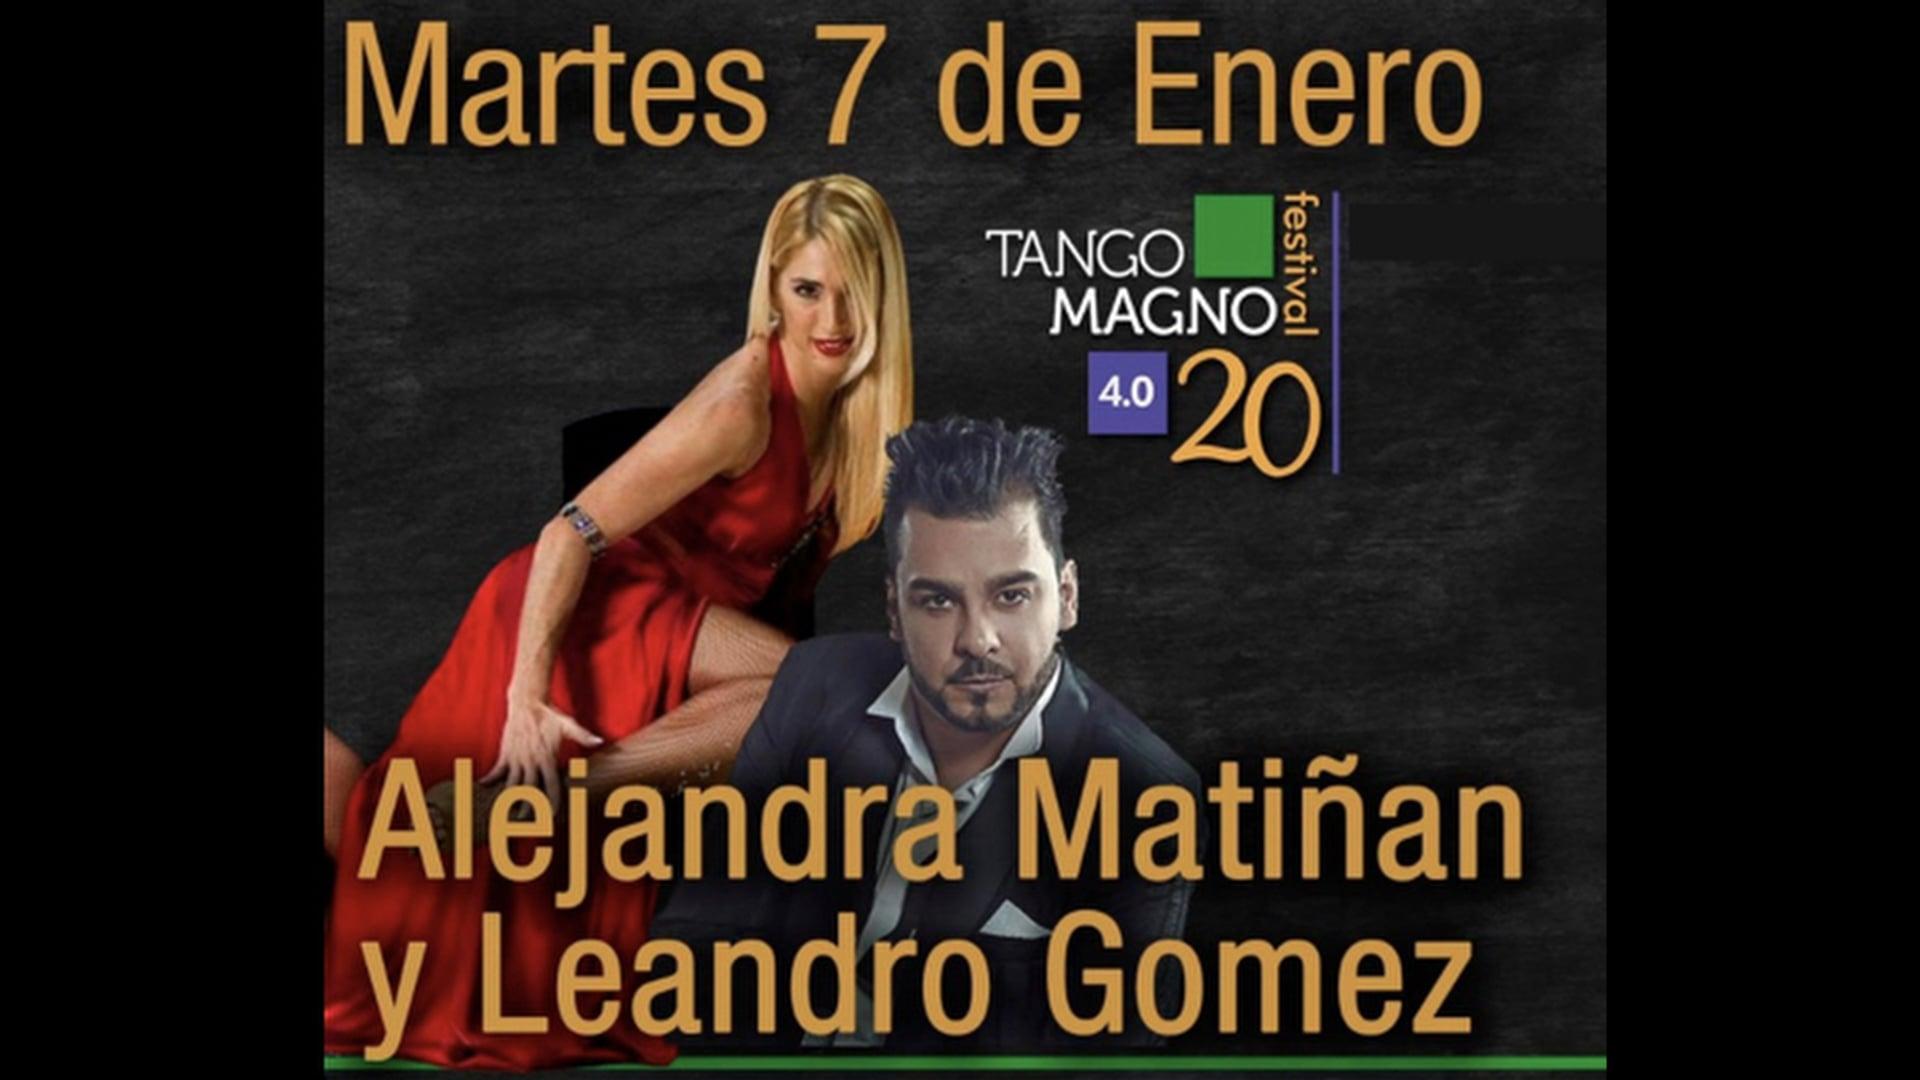 Alejandra Matiñan y Leandro Gomez